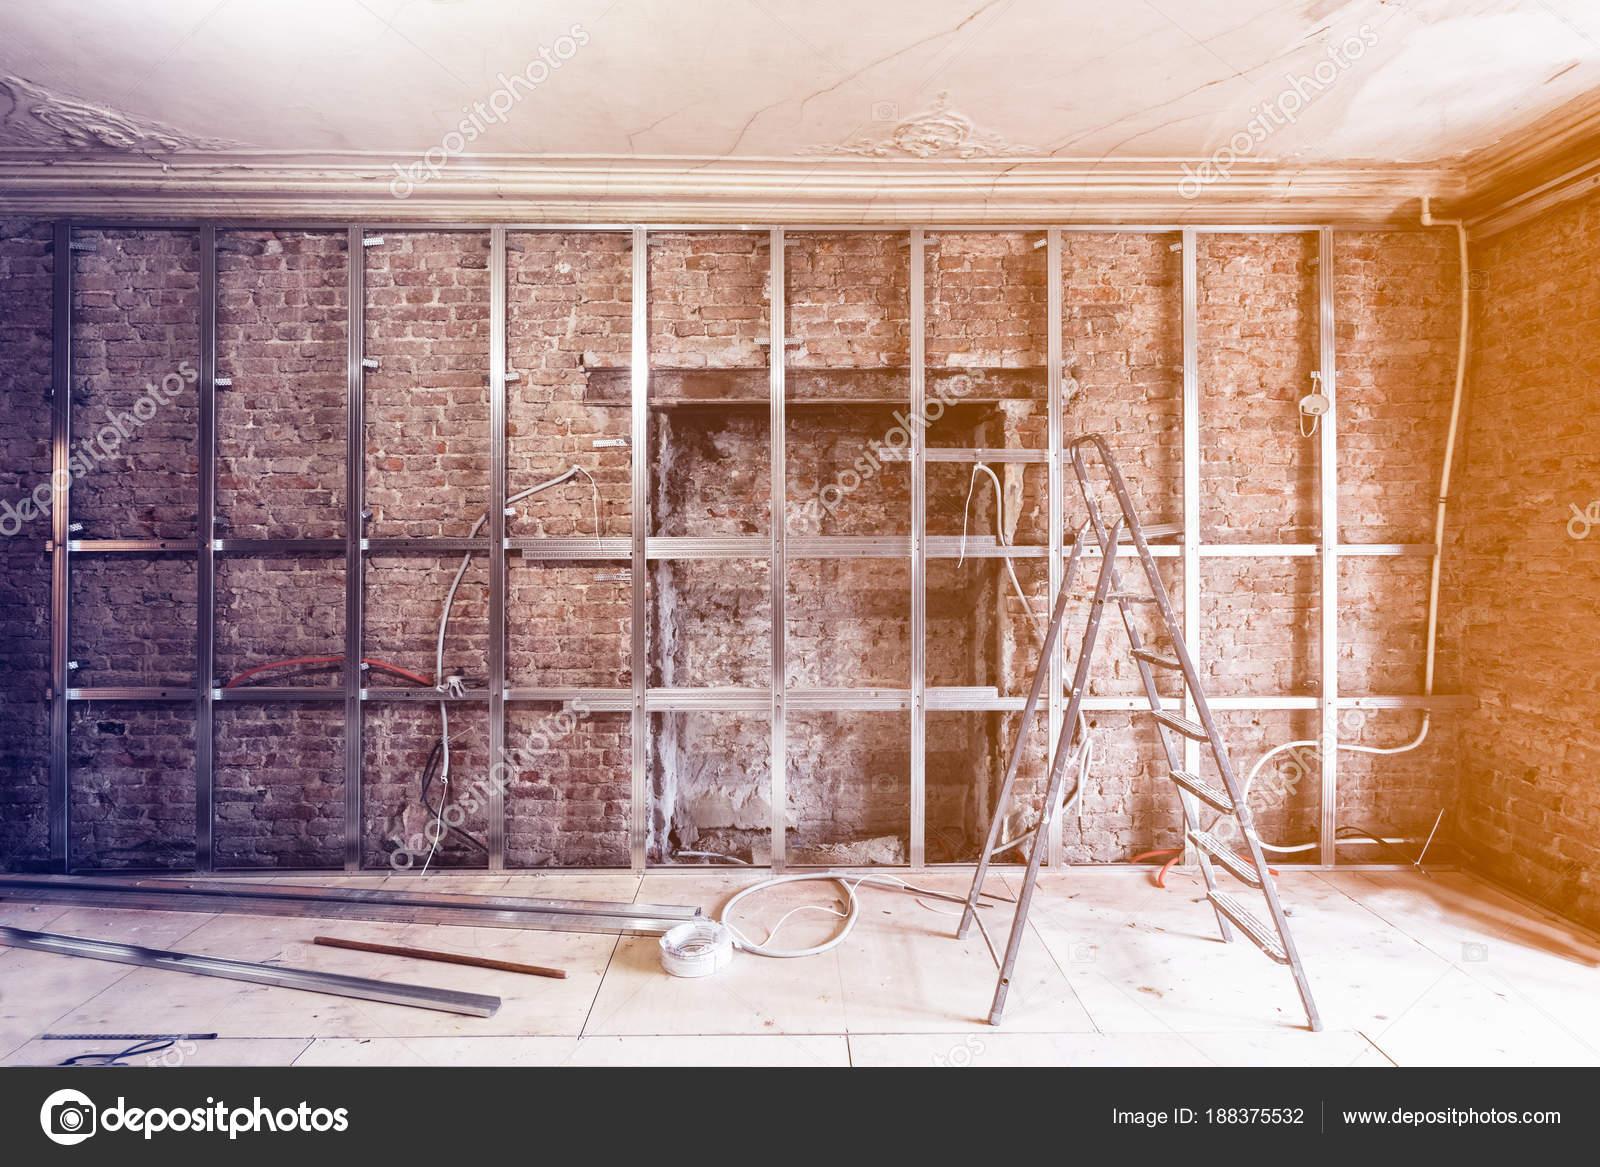 Cornici Per Pareti In Gesso : Cornici per pannelli di gesso per la fabbricazione di pareti in